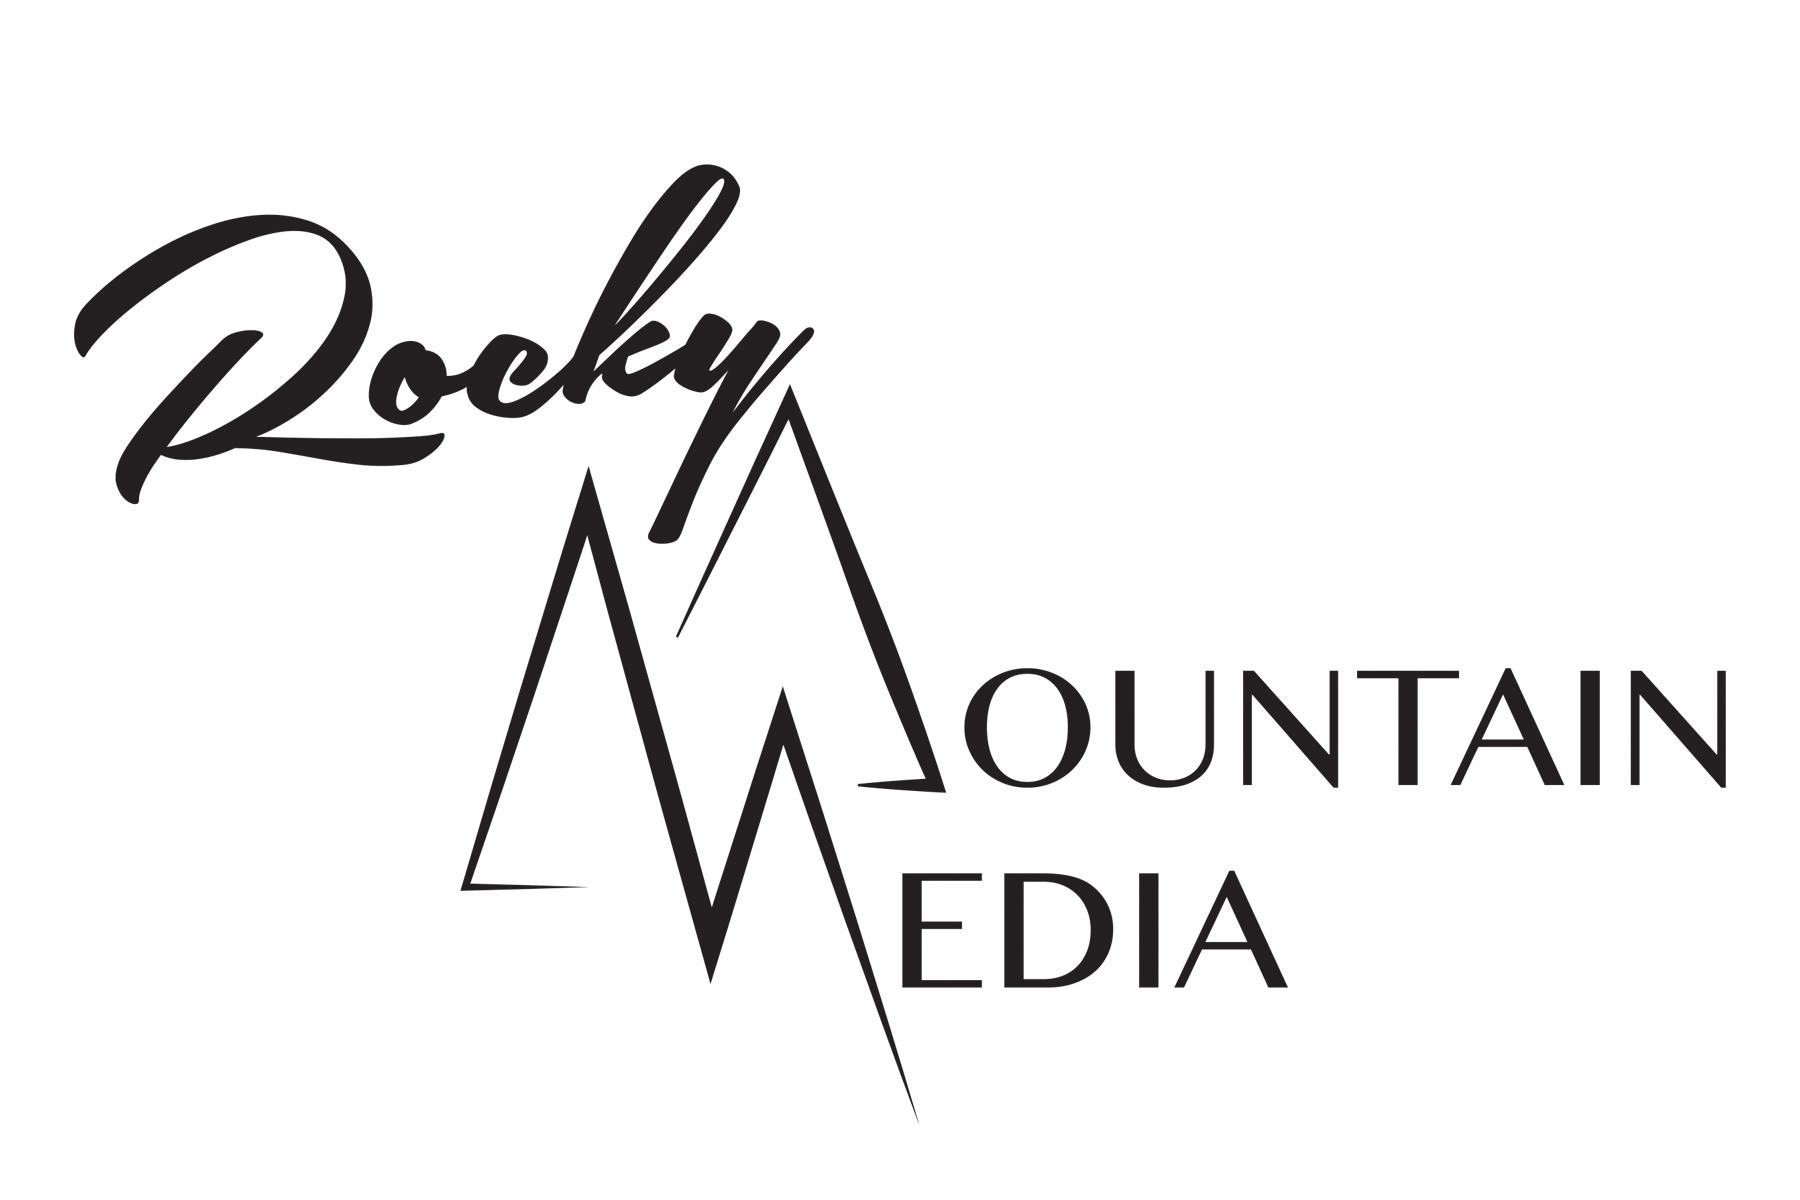 RockyMountainMediaLogo.png